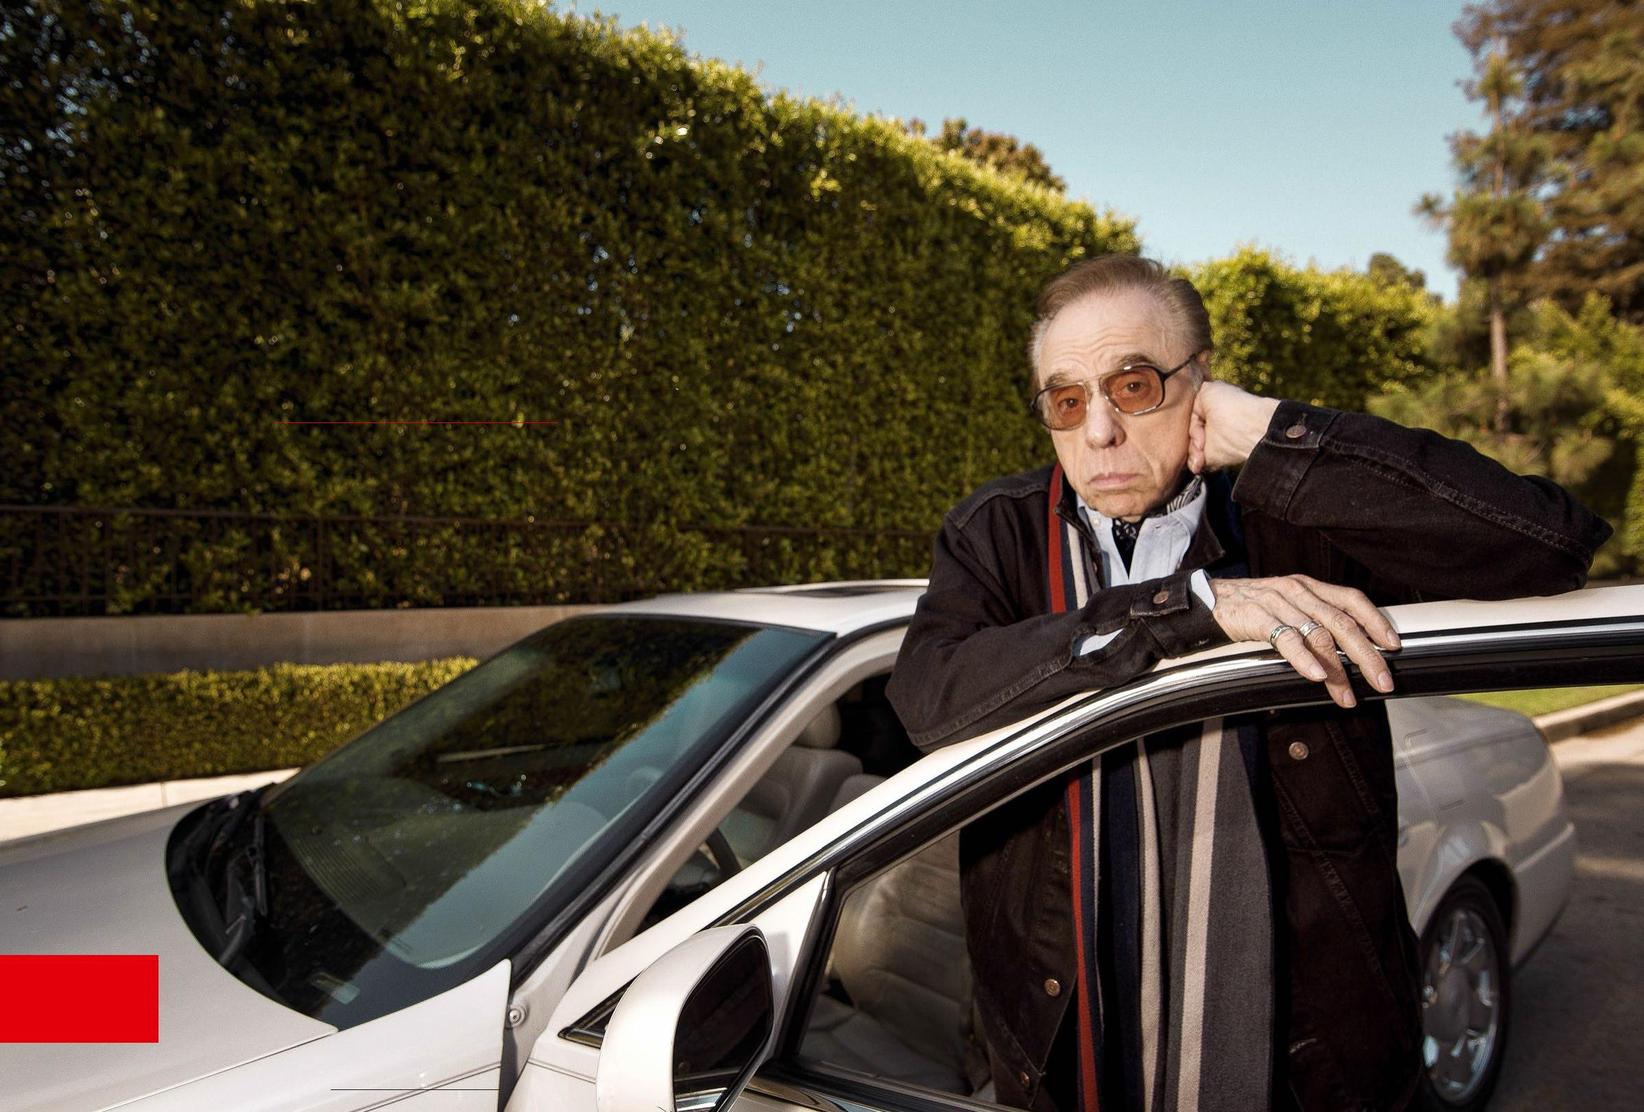 Réalisateur le plus prometteur du Nouvel Hollywood, Peter Bogdanovich est aujourd'hui connu comme le psy de la psy des Soprano. Il a donné rendez-vous à ÉRIC DAHAN sur Sunset Boulevard pour évoquer femmes, drames et films. Et raconter l'inédit d'Orson Welles dont il est l'une des stars.,PHOTOGRAPHIE ÉRIC DAHAN